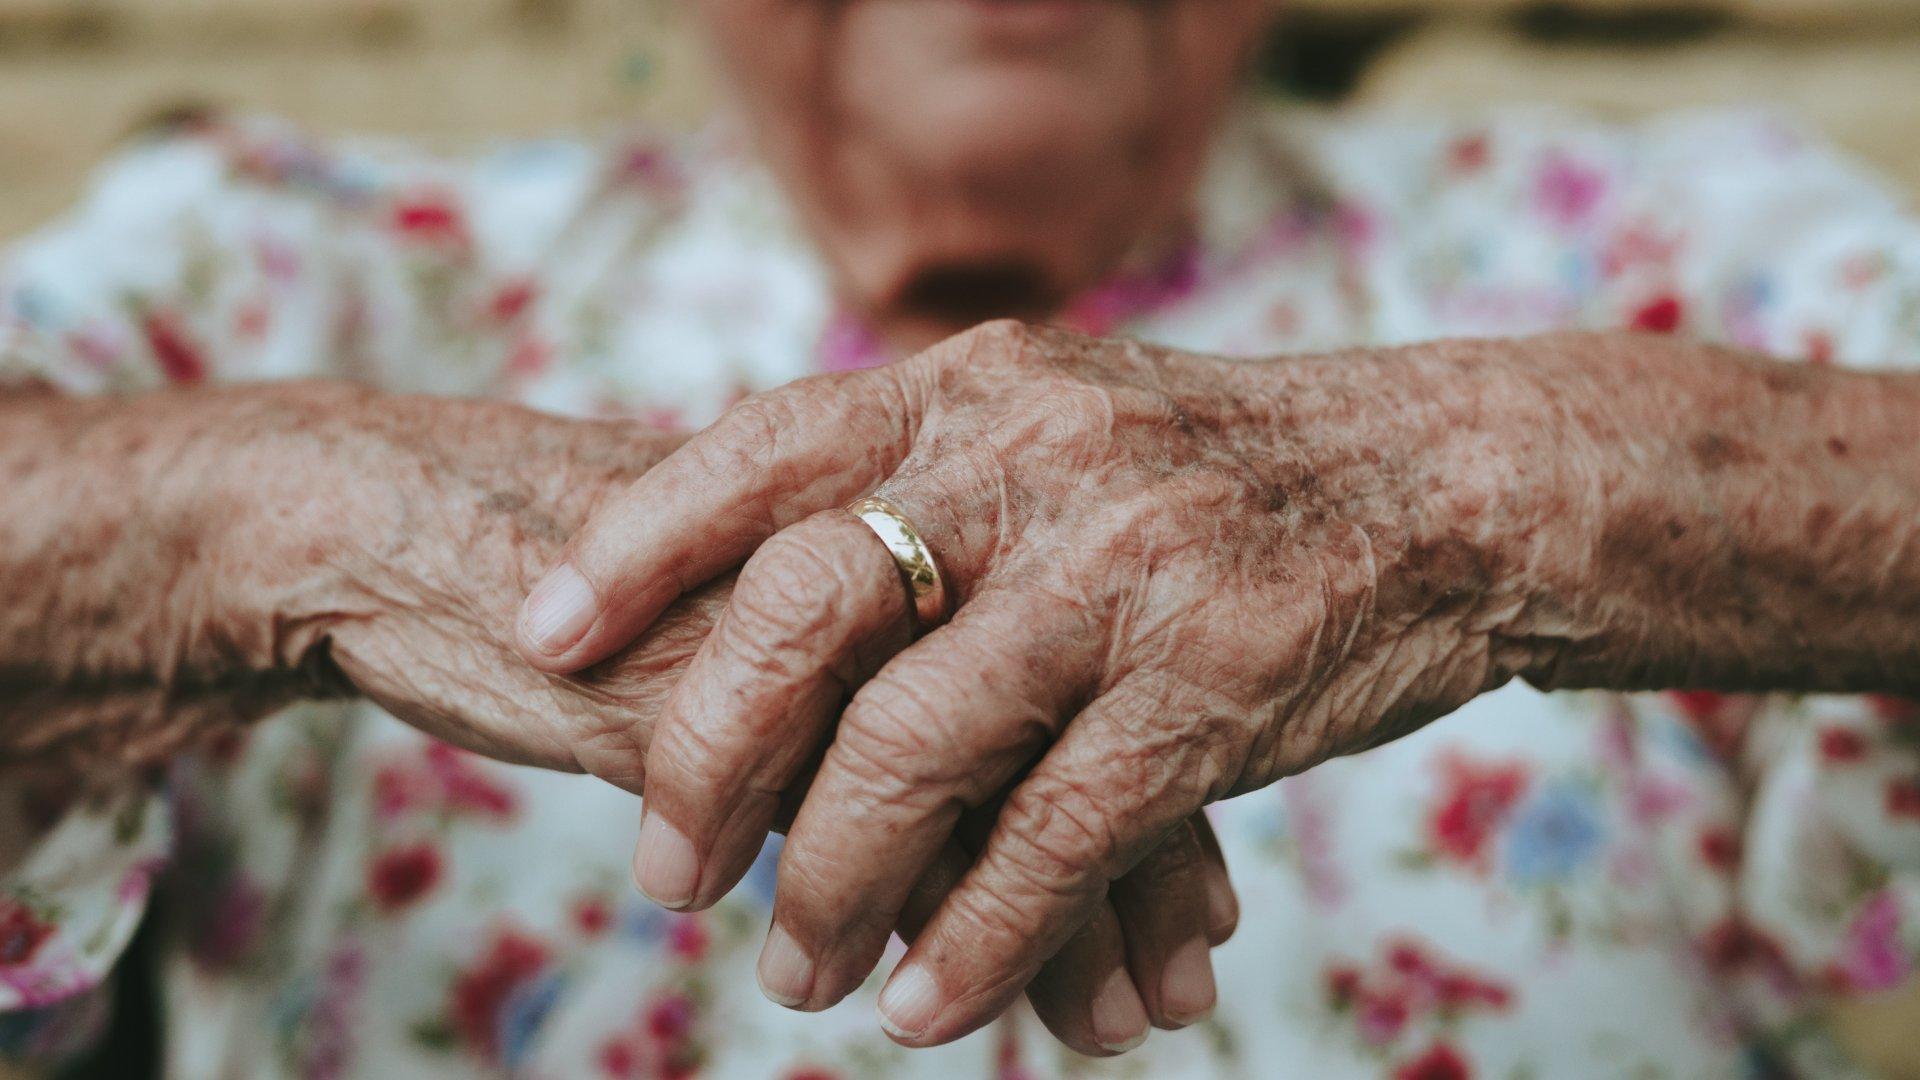 Idős nő keze